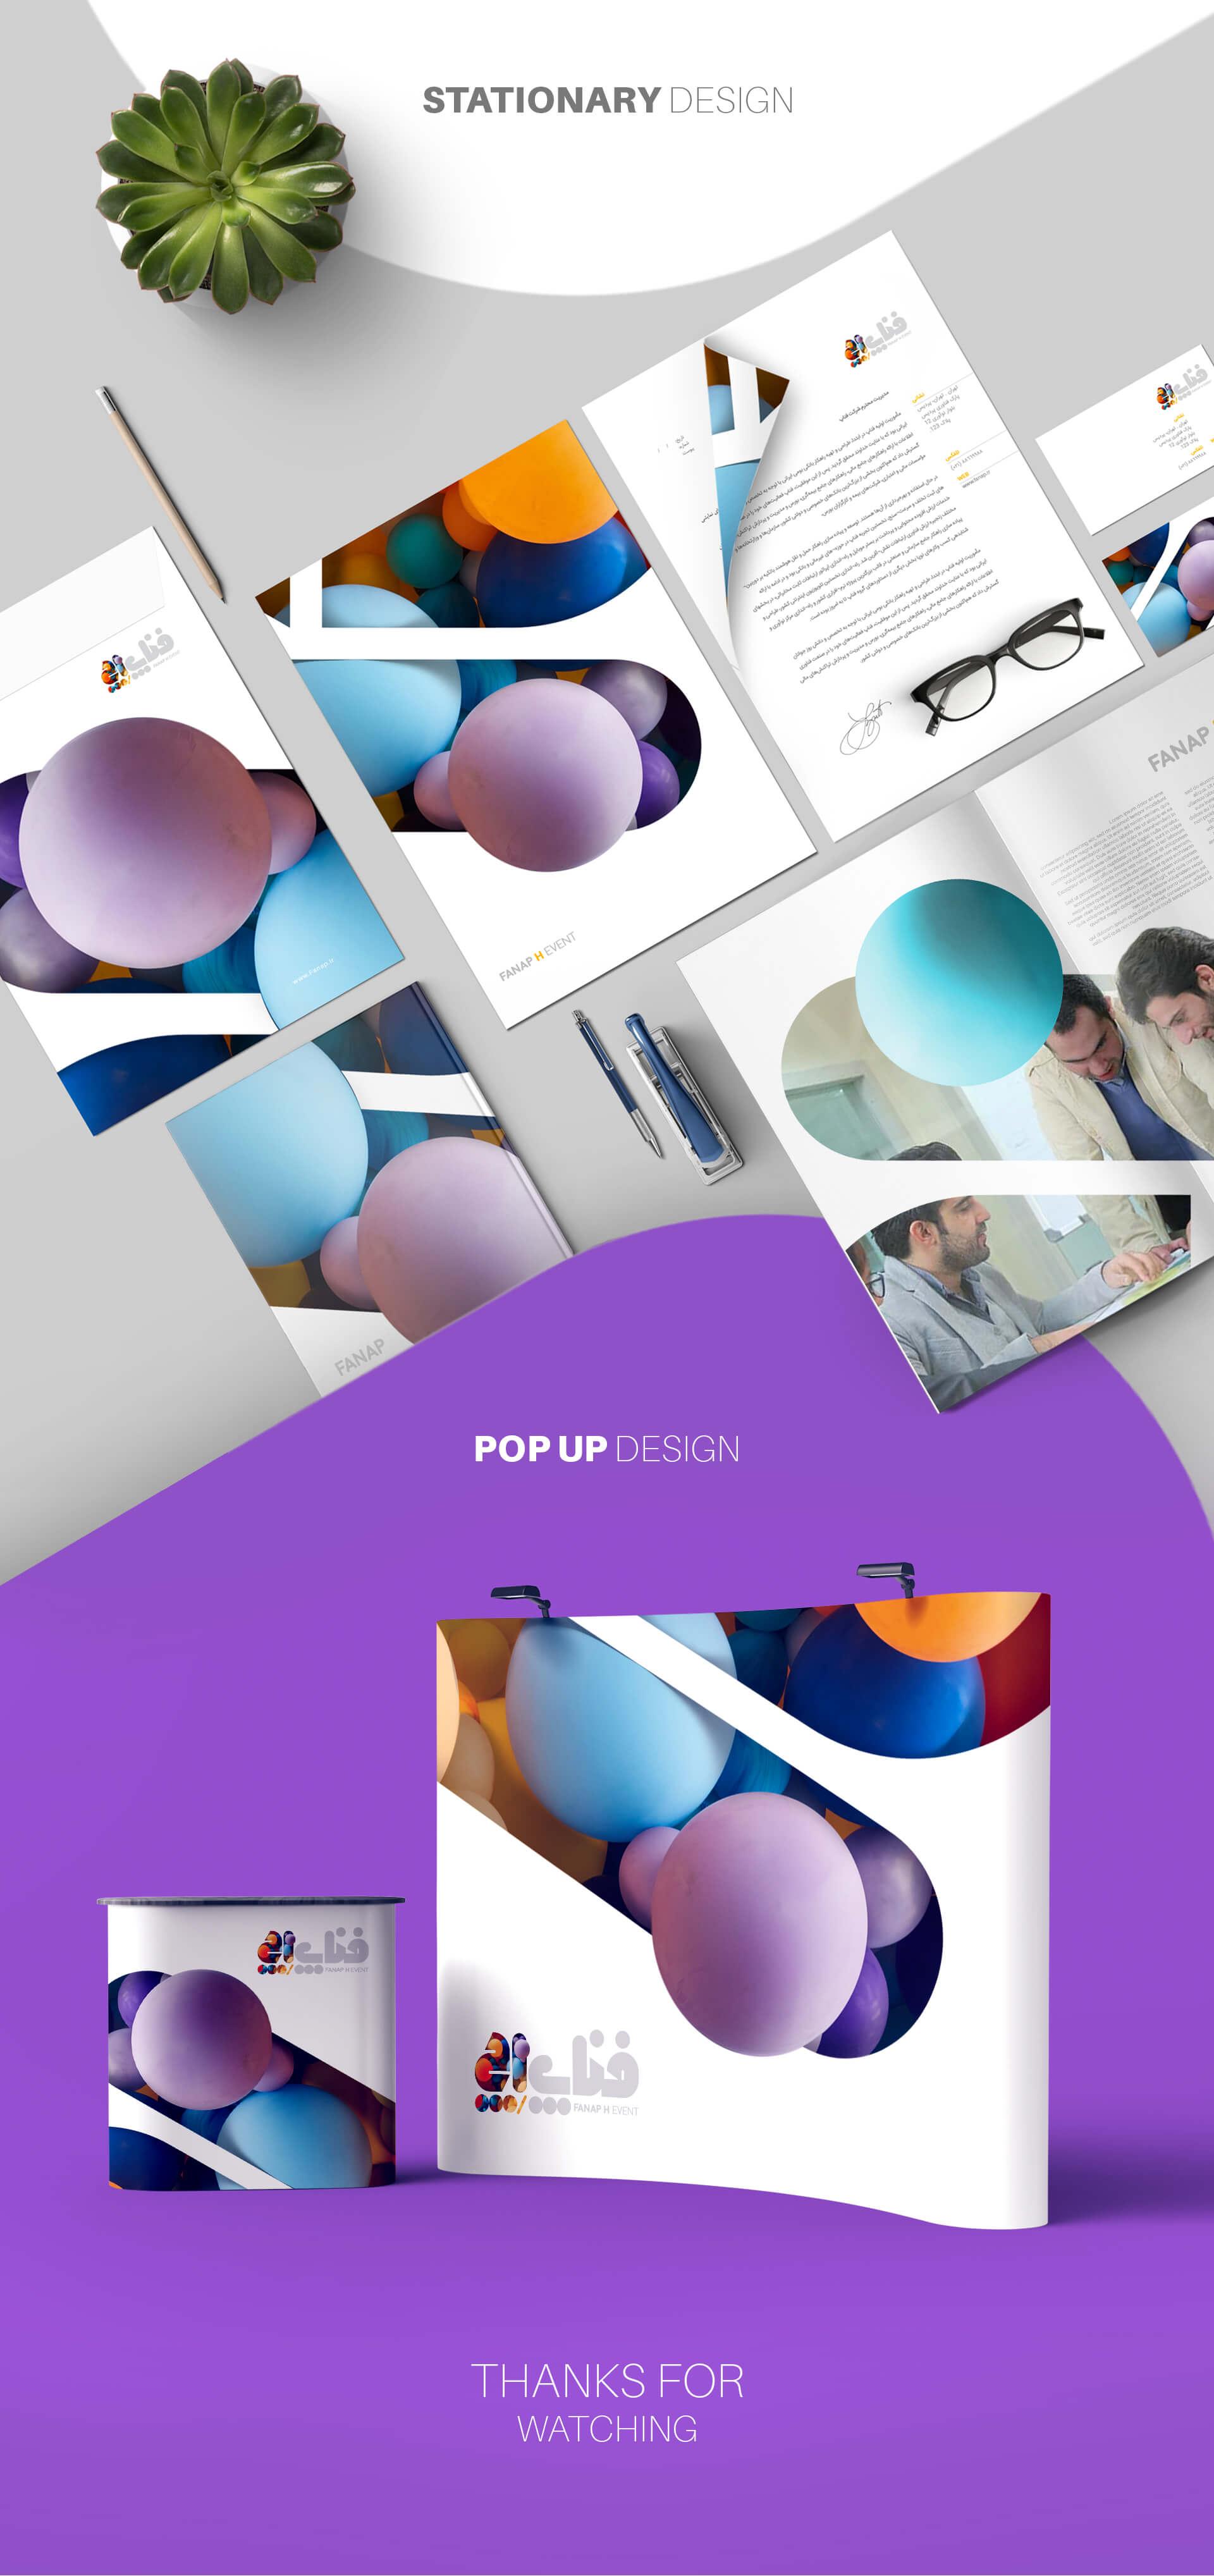 هویت بصری فناپ، رسانه، تبلیغات، آژانس تبلیغاتی، هویت بصری، طراحی هویت بصری، شرکت تبلیغاتی الف، طراحی لوگو، طراحی لوگوتابپ، طراحی ست اداری، طراحی اوراق اداری، کمپین تبلیغاتی، برندینگ